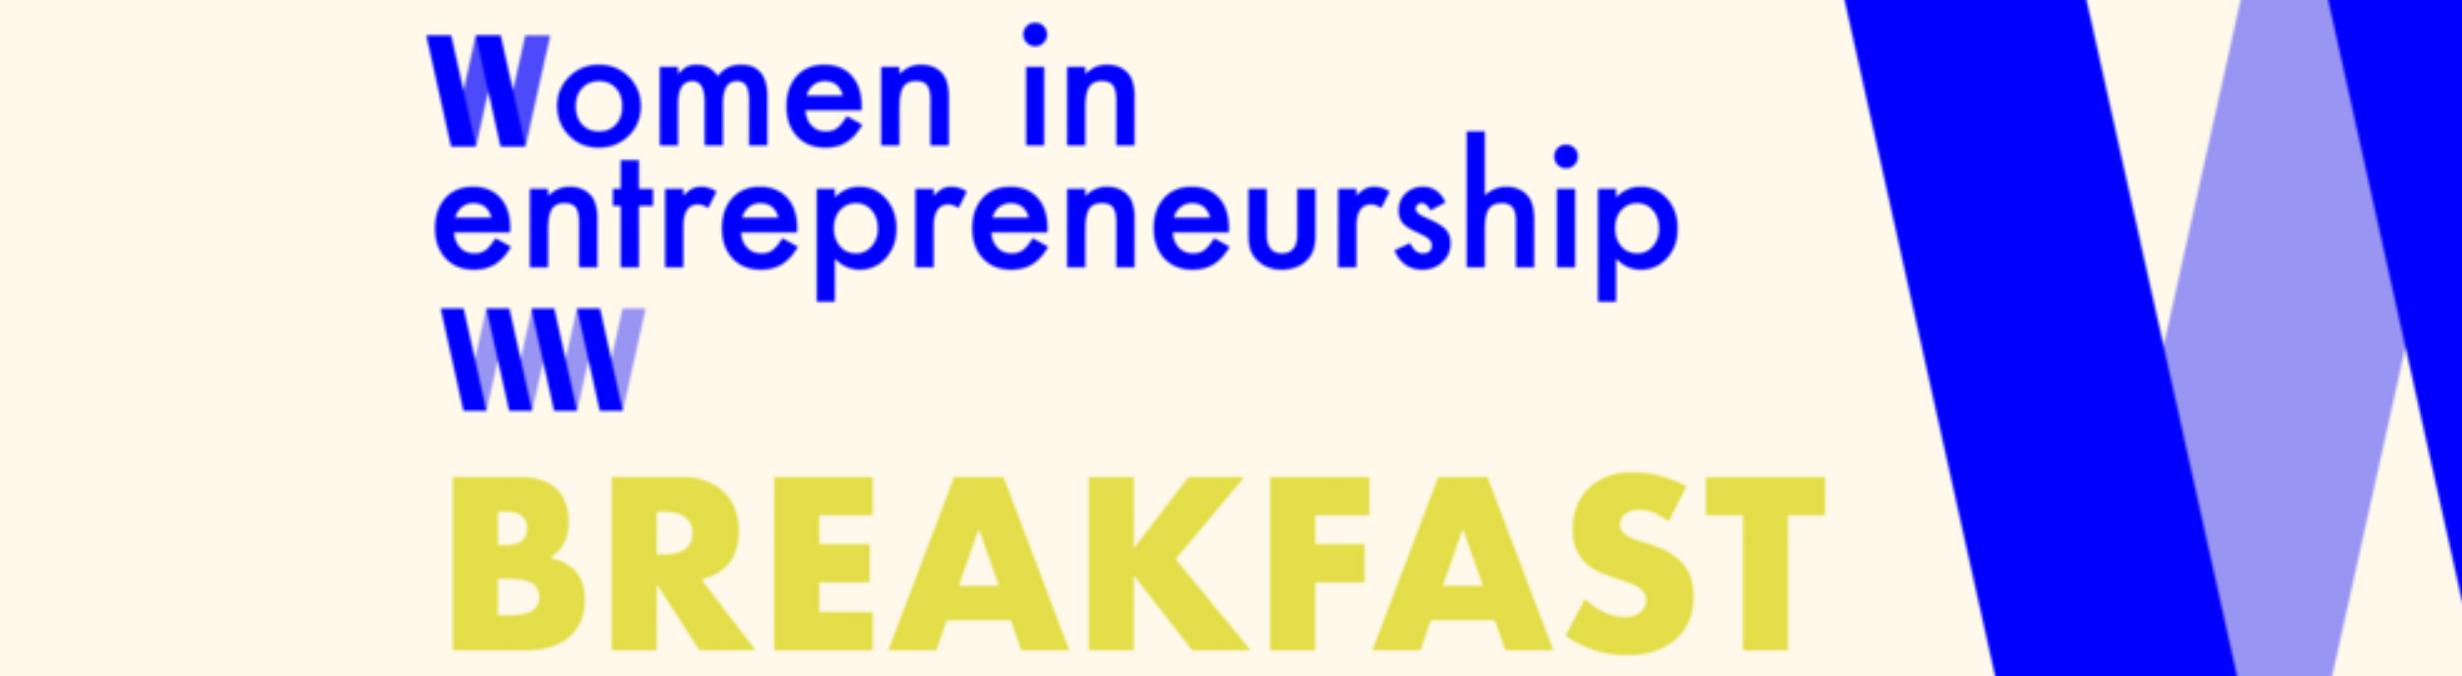 Women+in+Entrepreneurship+Breakfast.png